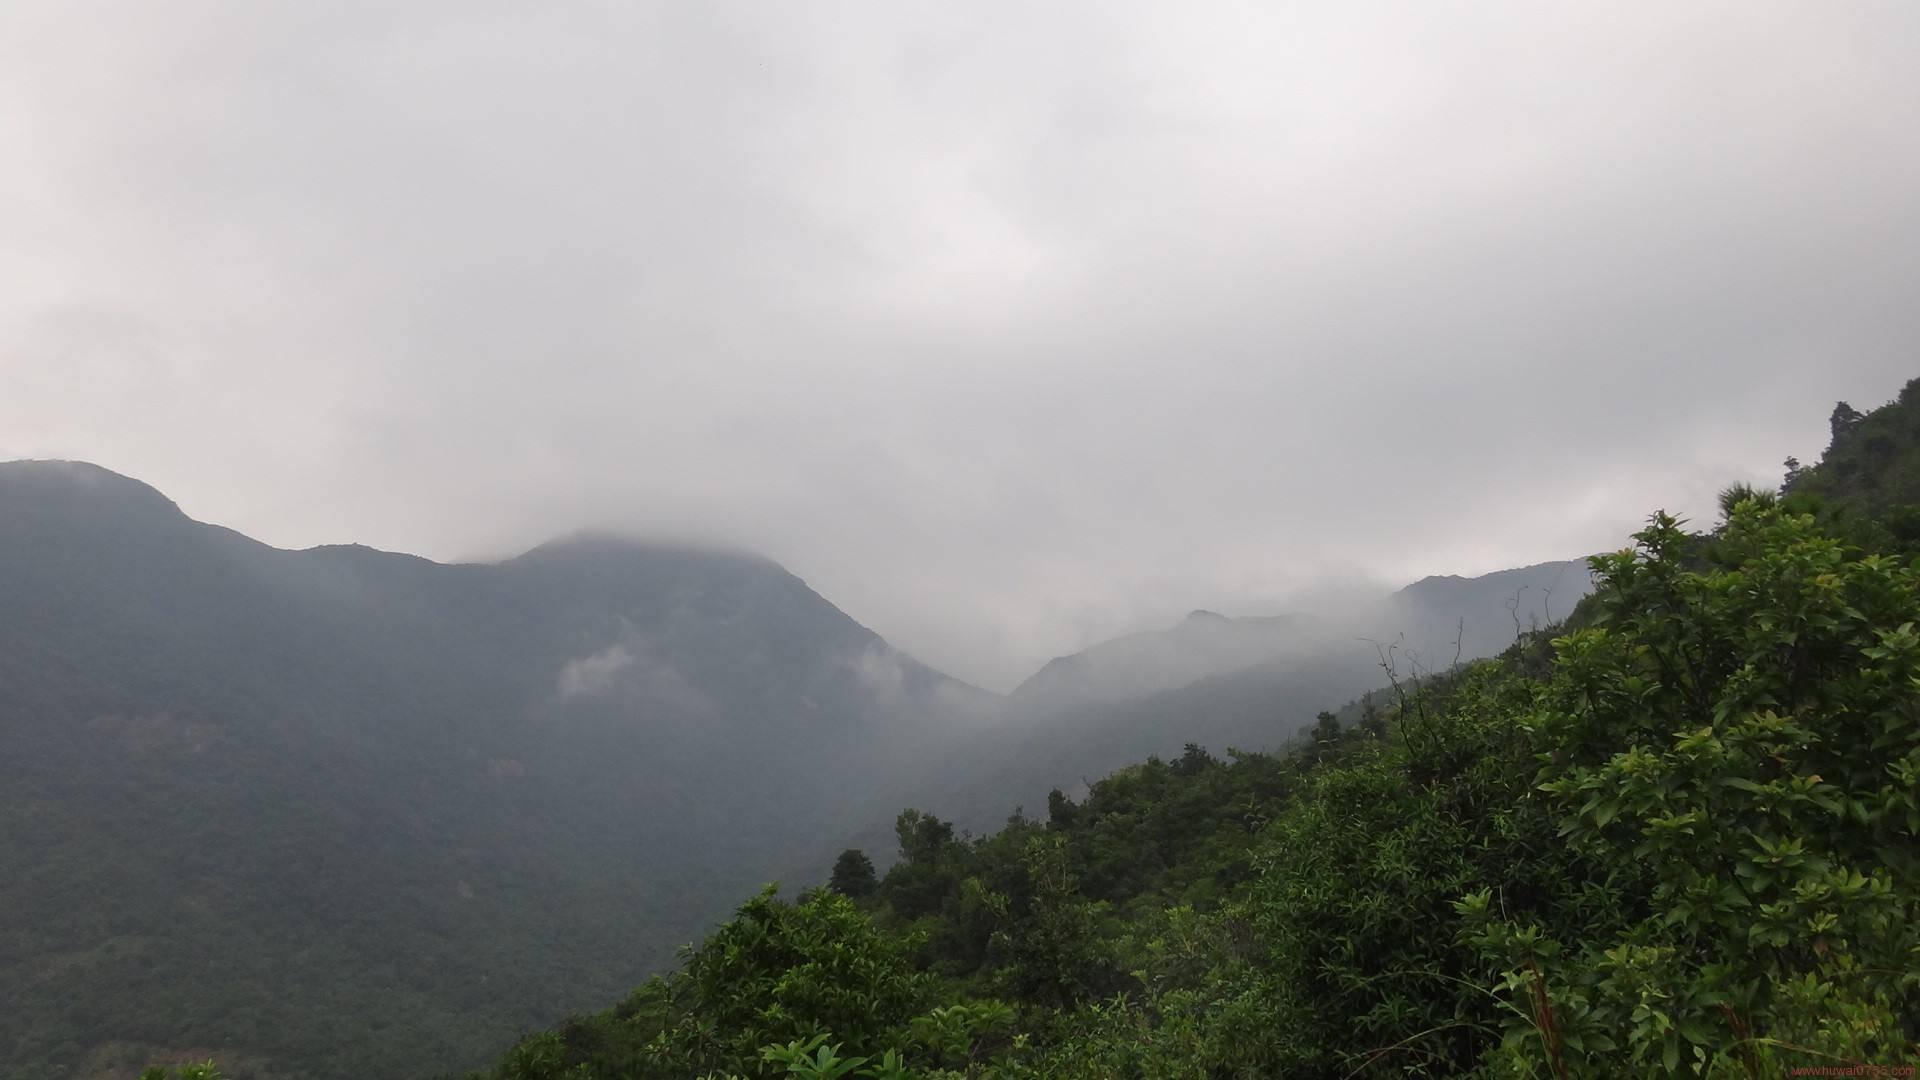 白云嶂的简介和海拔